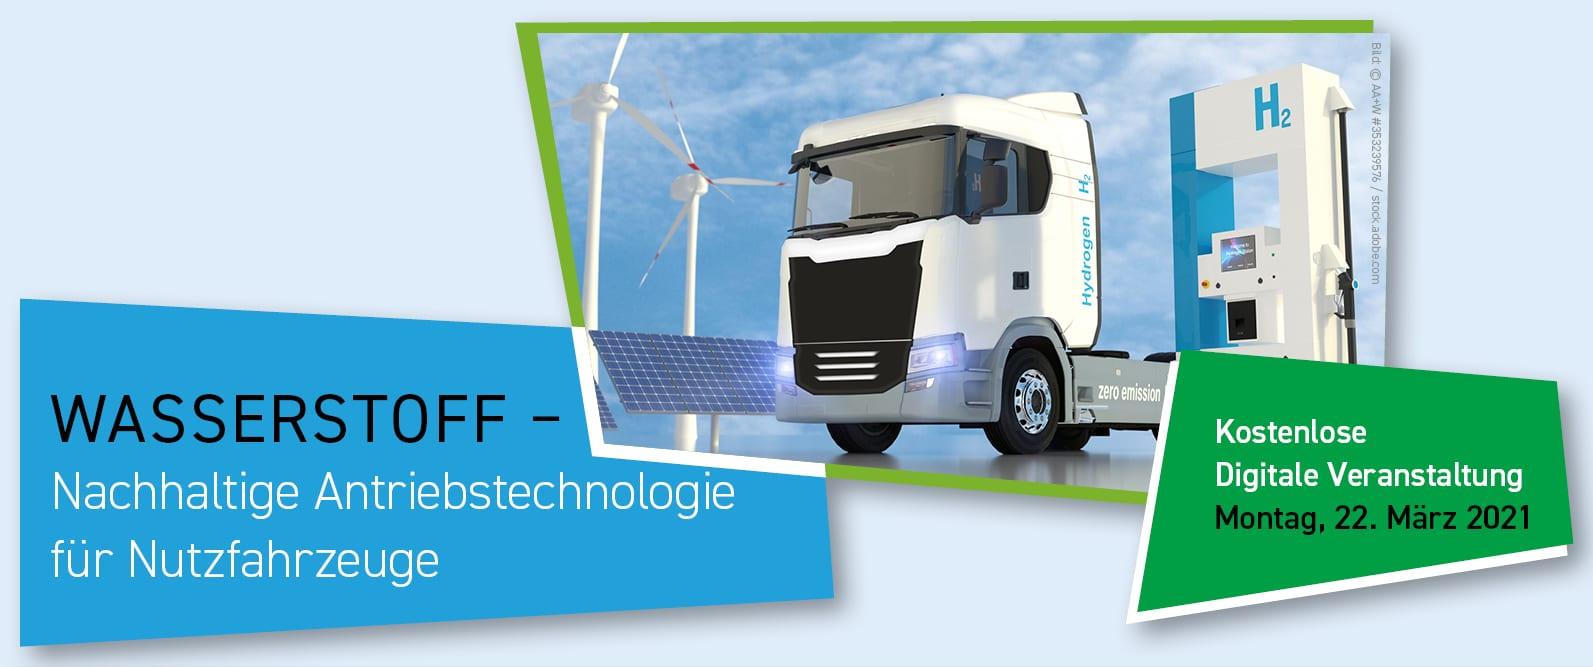 Wasserstoff h2 - nachhaltige Antriebstechnologie für Nutzfahrzeuge